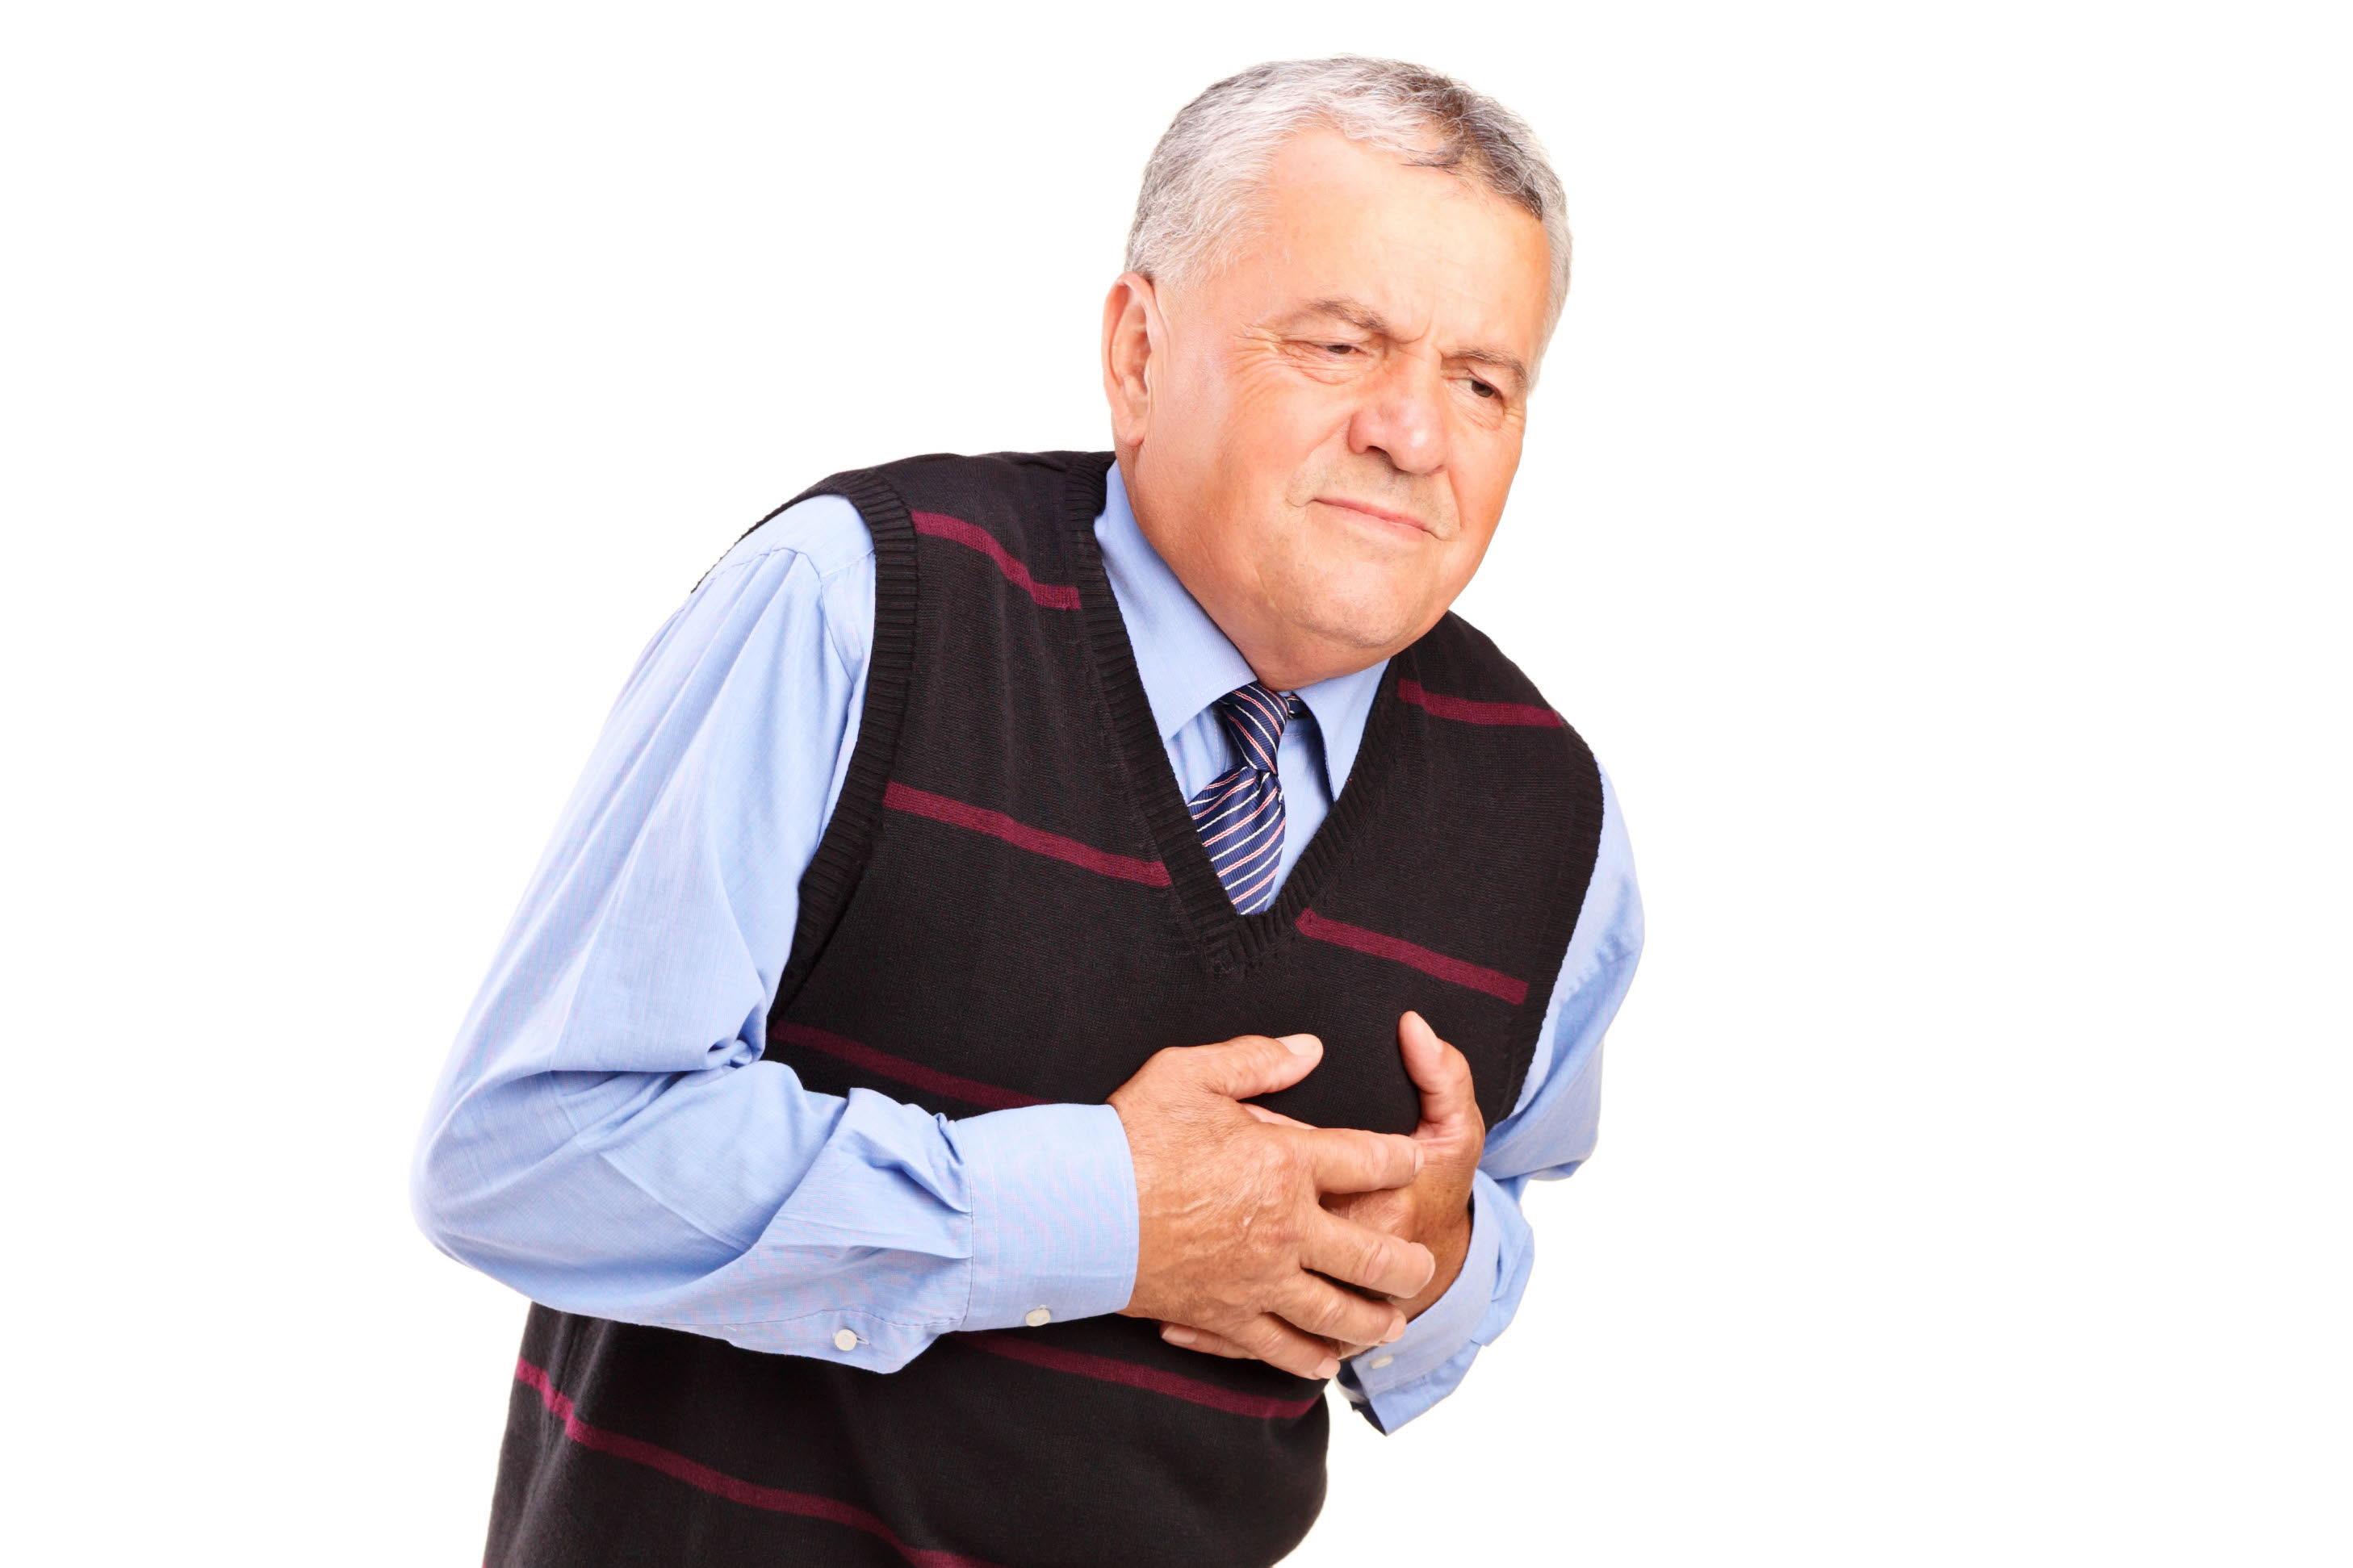 Легкая боль в груди 23 фотография